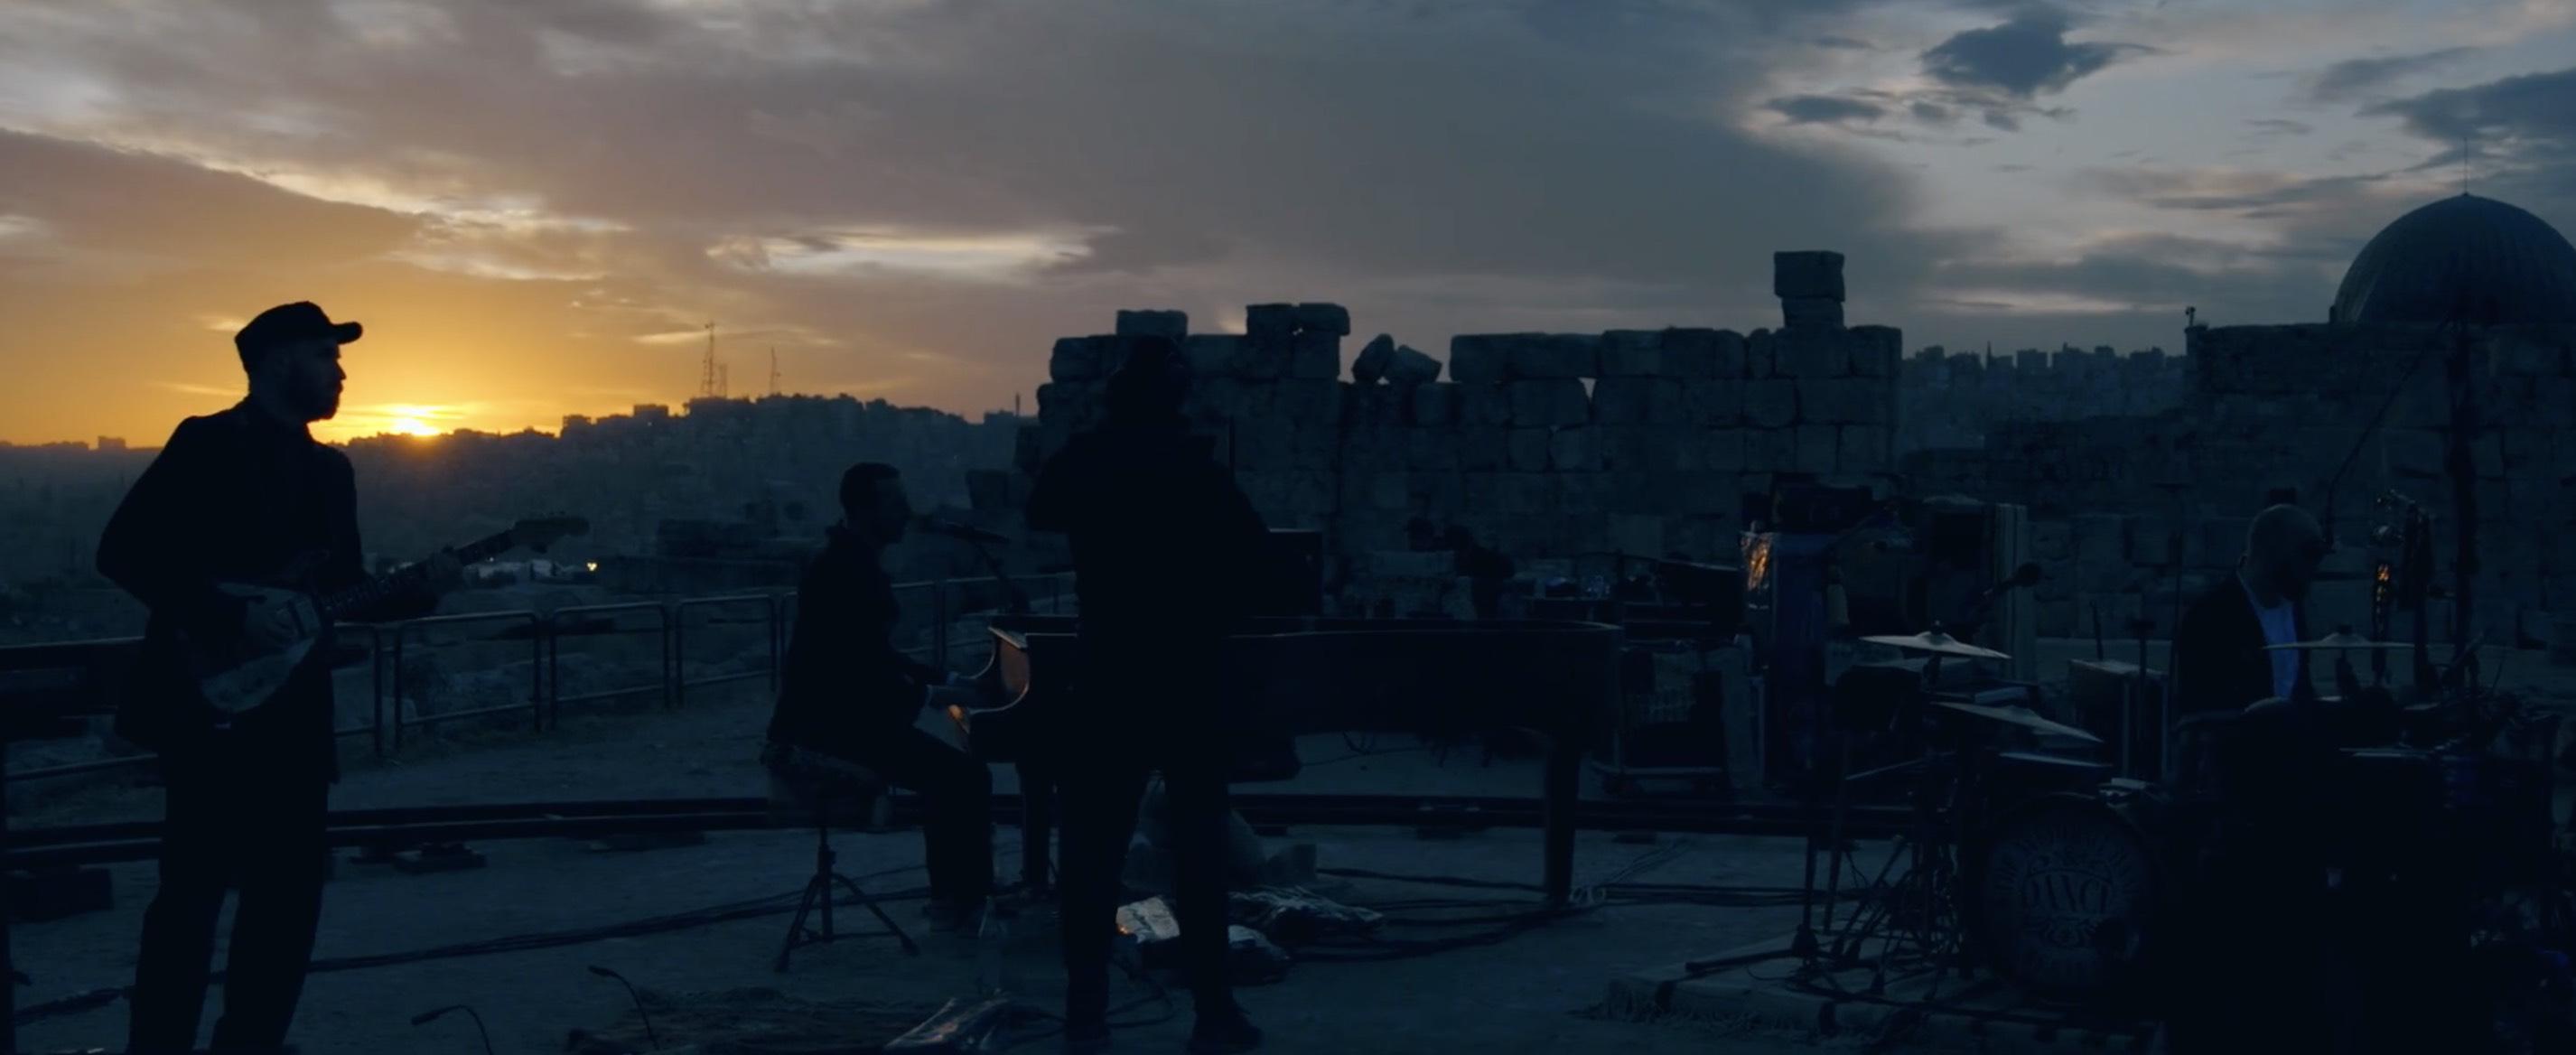 Coldplay - everyday life - album - succès - retour